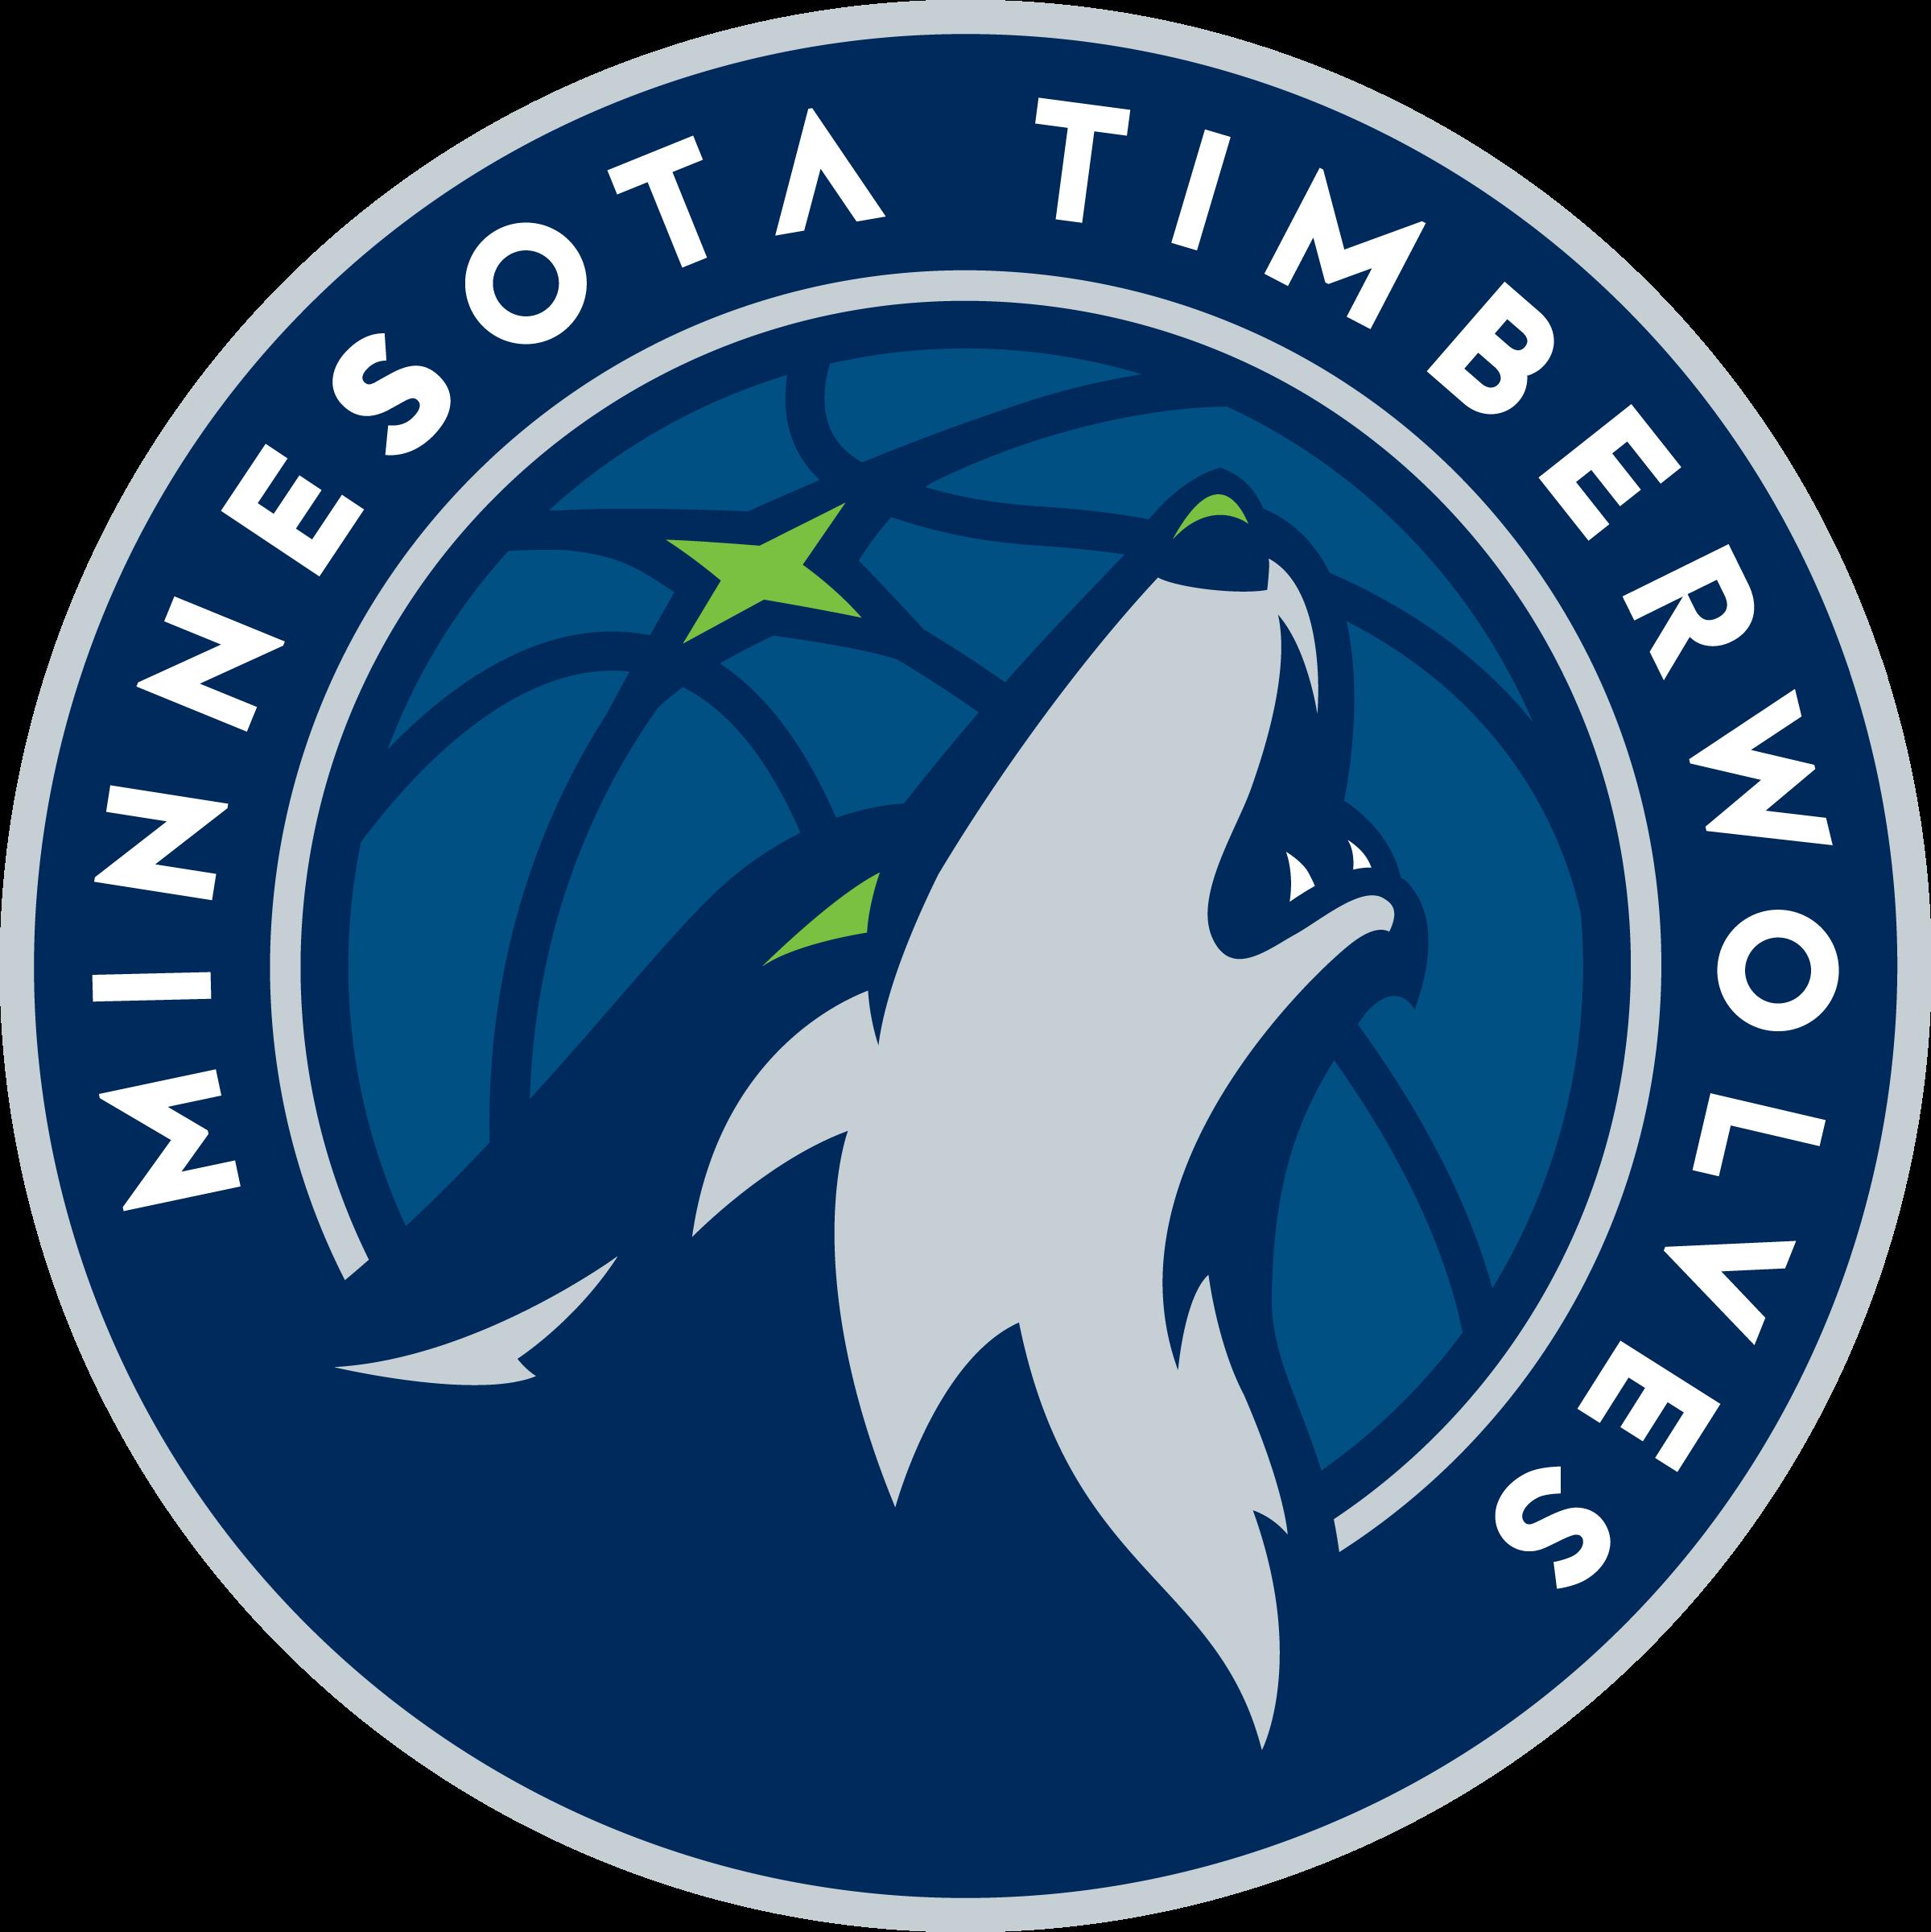 Image courtesy NBA.com